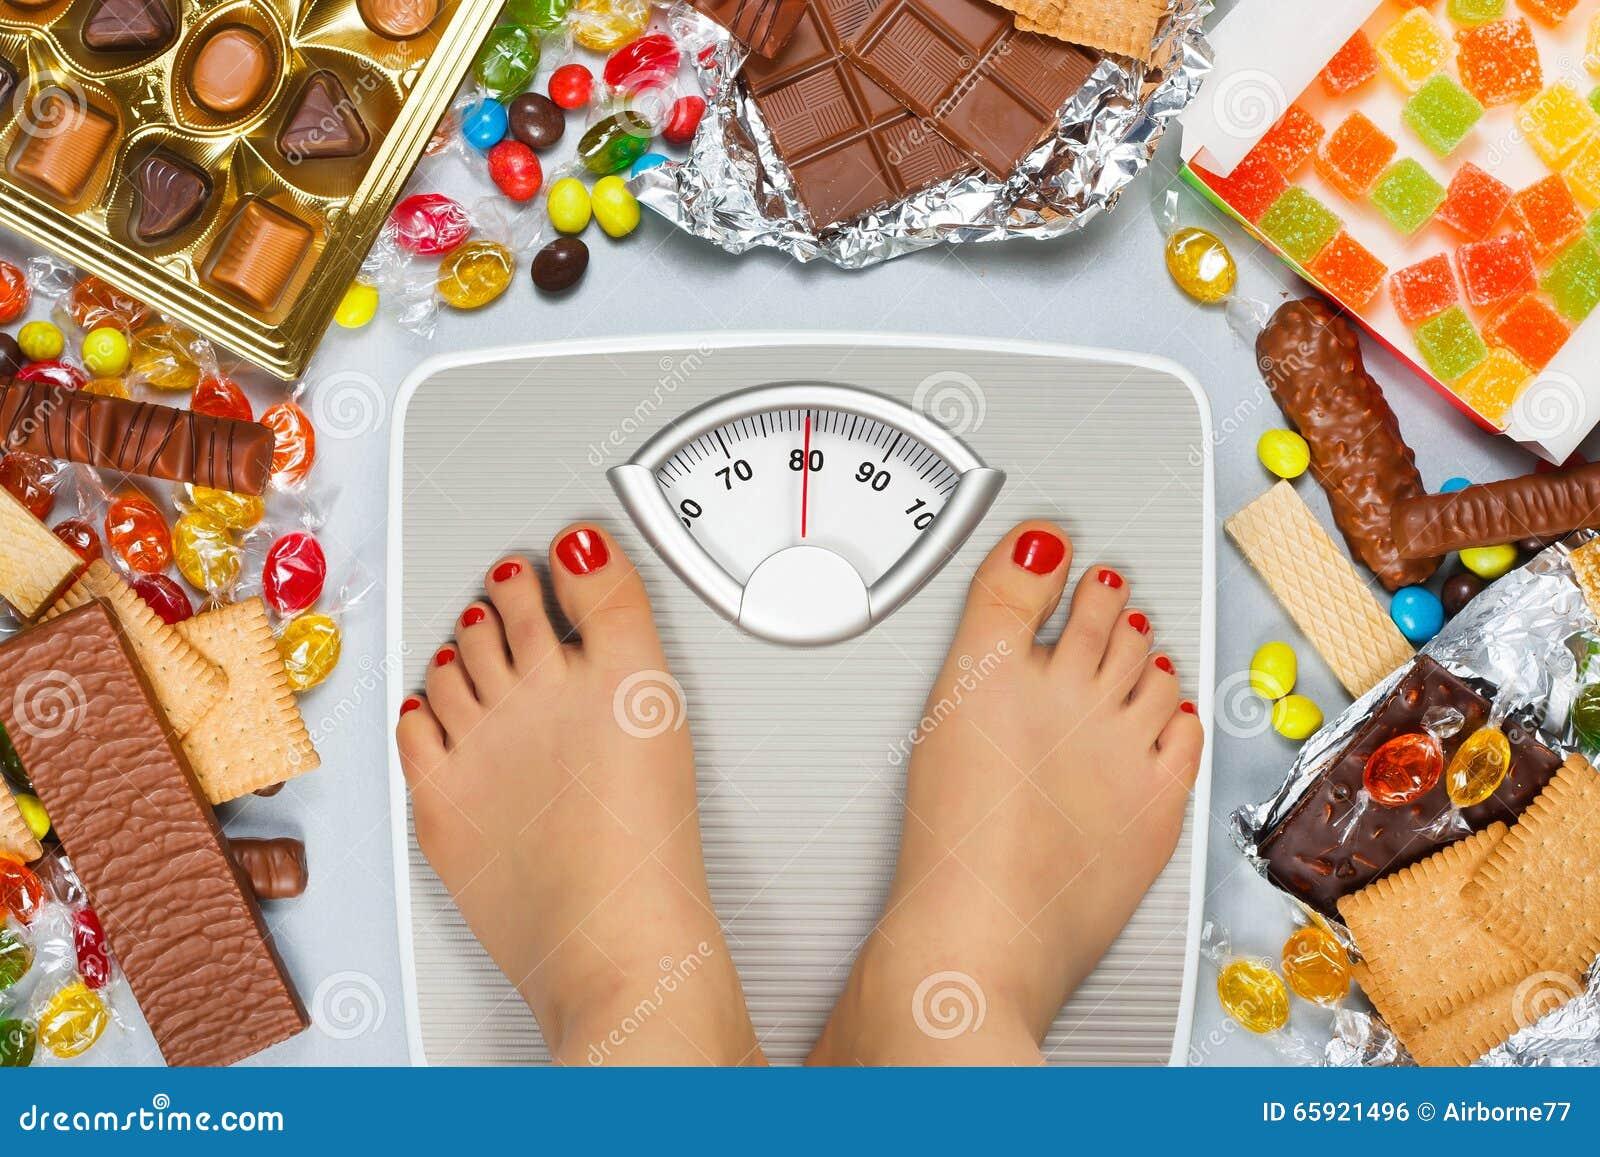 Похудеть за 1 месяц рецепт